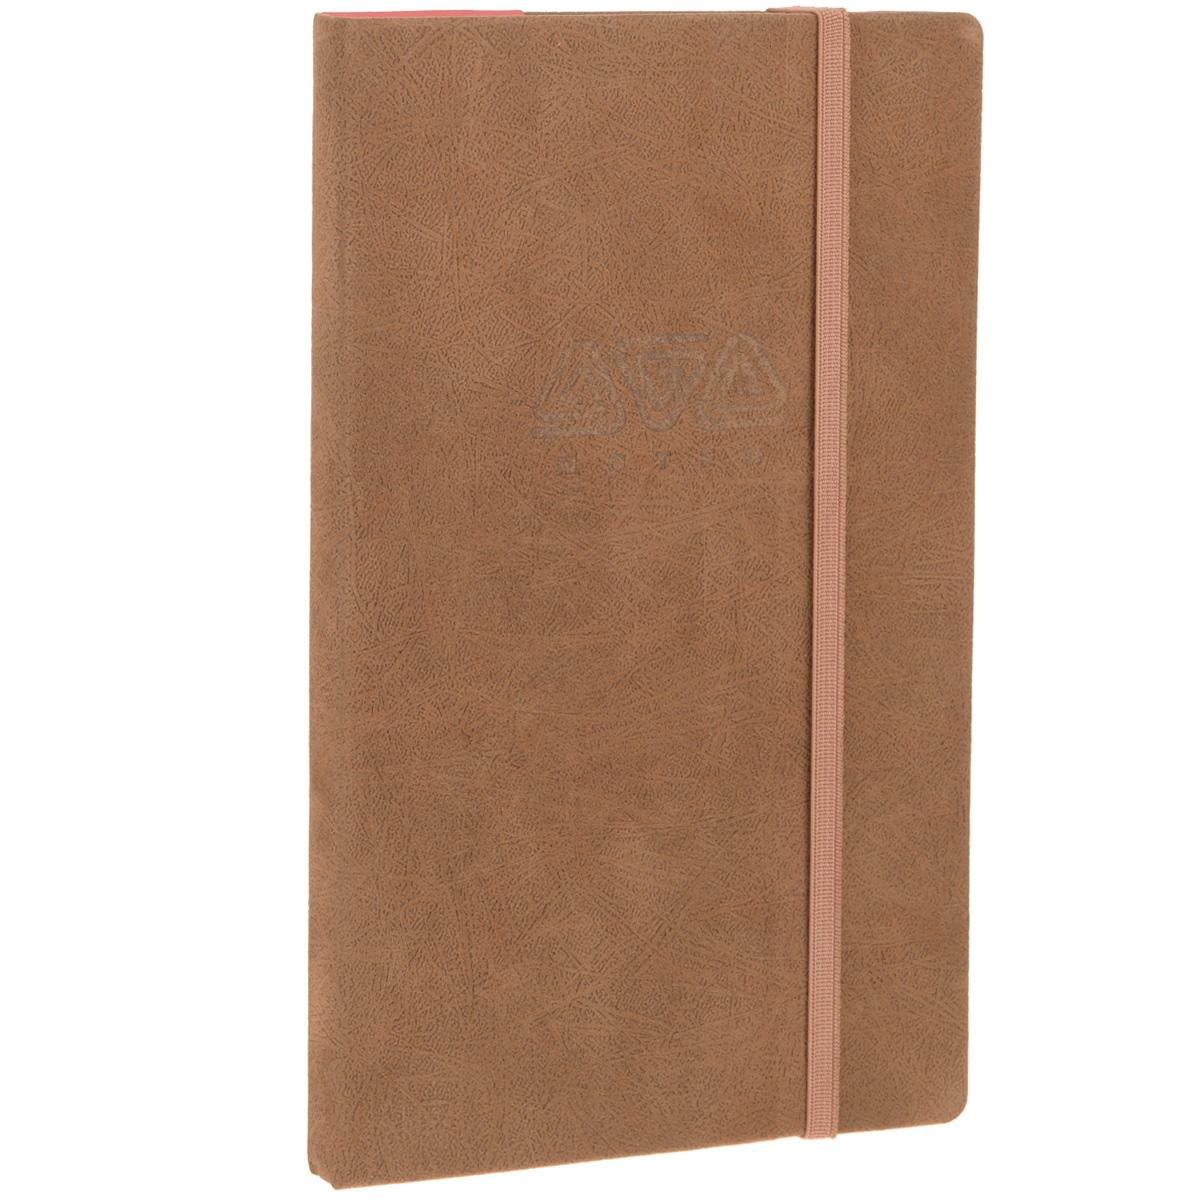 Записная книжка Erich Krause Ethnic, цвет: коричневый, 96 листов36784Записная книжка Erich Krause Ethnic - это дополнительный штрих к вашему имиджу. Демократичная в своем содержании, книжка может быть использована не только для личных пометок и записей, но и как недатированный ежедневник. Надежная твердая обложка из плотного картона, обтянутого приятным на ощупь текстильным материалом, сохранит ее в аккуратном состоянии на протяжении всего времени использования. Плотная в линейку бумага белого цвета, закладка-ляссе, практичные скругленные углы, эластичная петелька для ручки и внутренний бумажный карман на задней обложке - все это обеспечит вам истинное удовольствие от письма. В начале книжки имеется страничка для заполнения личных данных владельца, четыре страницы для заполнения адресов, телефонов и интернет-почты и четыре страницы для заполнения сайтов и ссылок. Благодаря небольшому формату книжку легко взять с собой. Записная книжка плотно закрывается при помощи фиксирующей резинки.